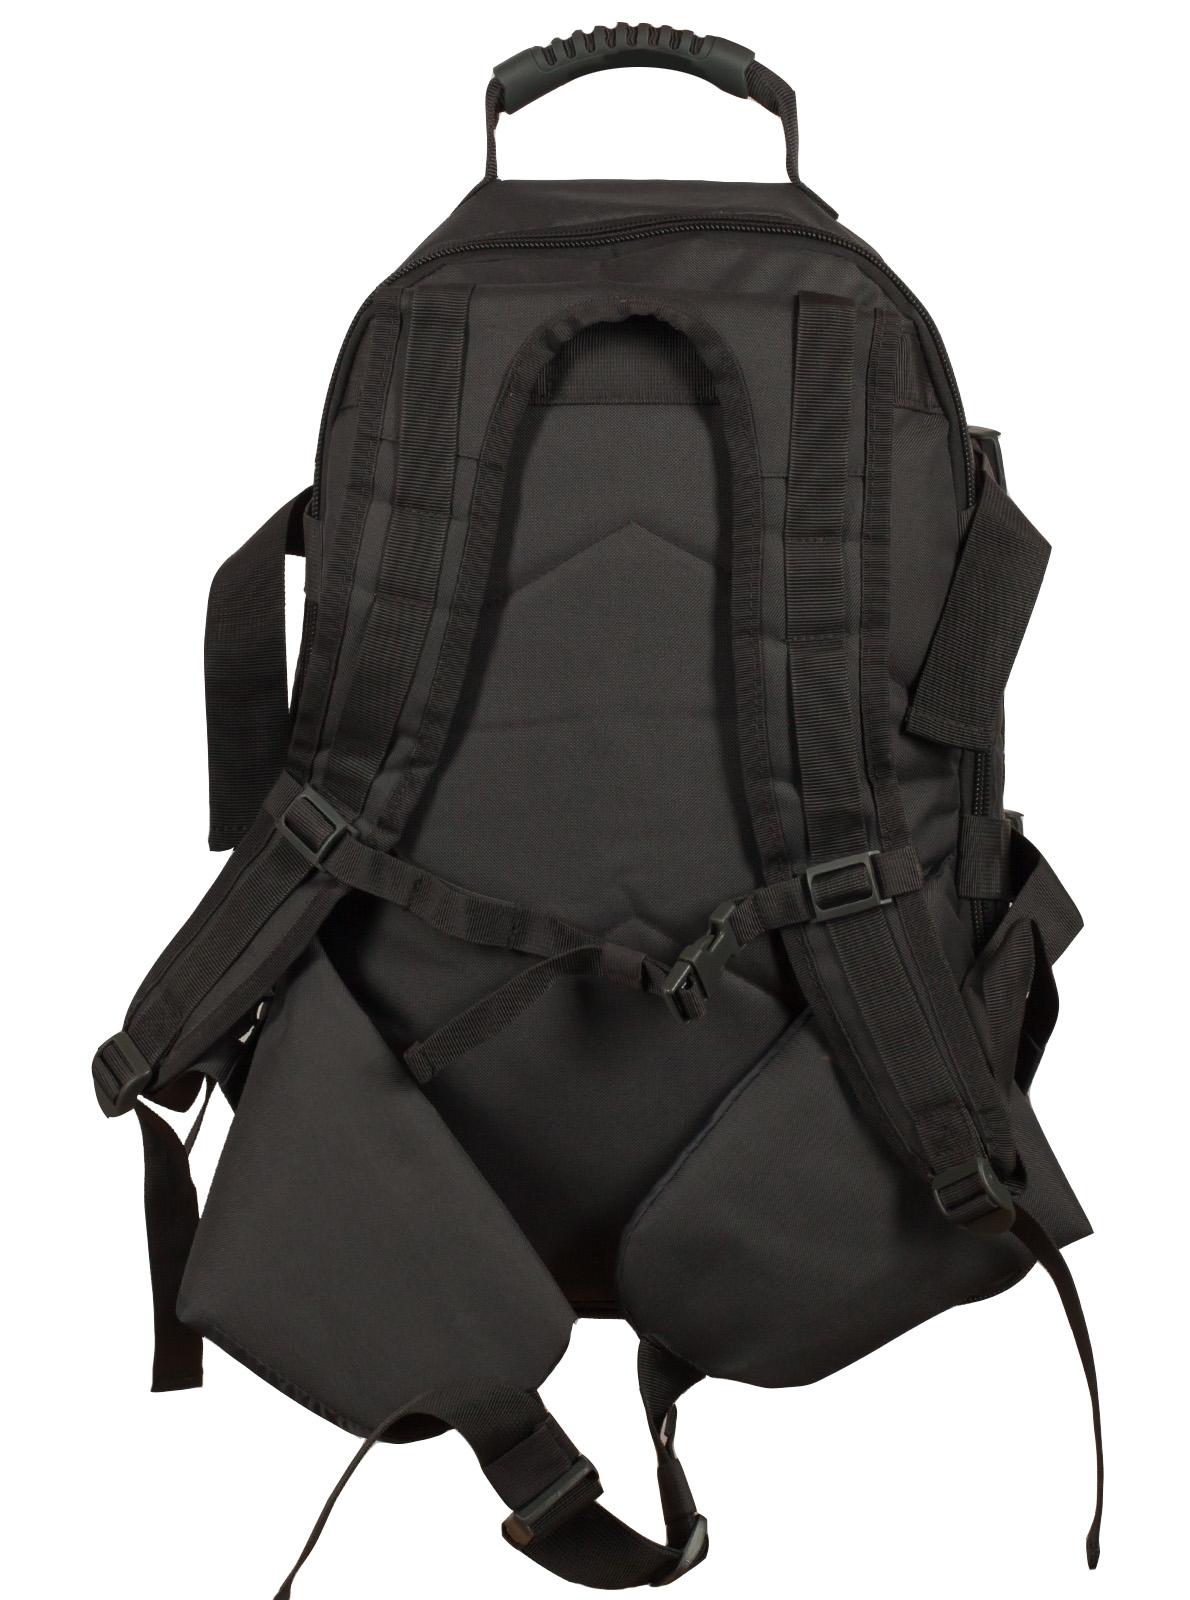 Универсальный черный рюкзак с нашивкой Погранслужбы - заказать в розницу